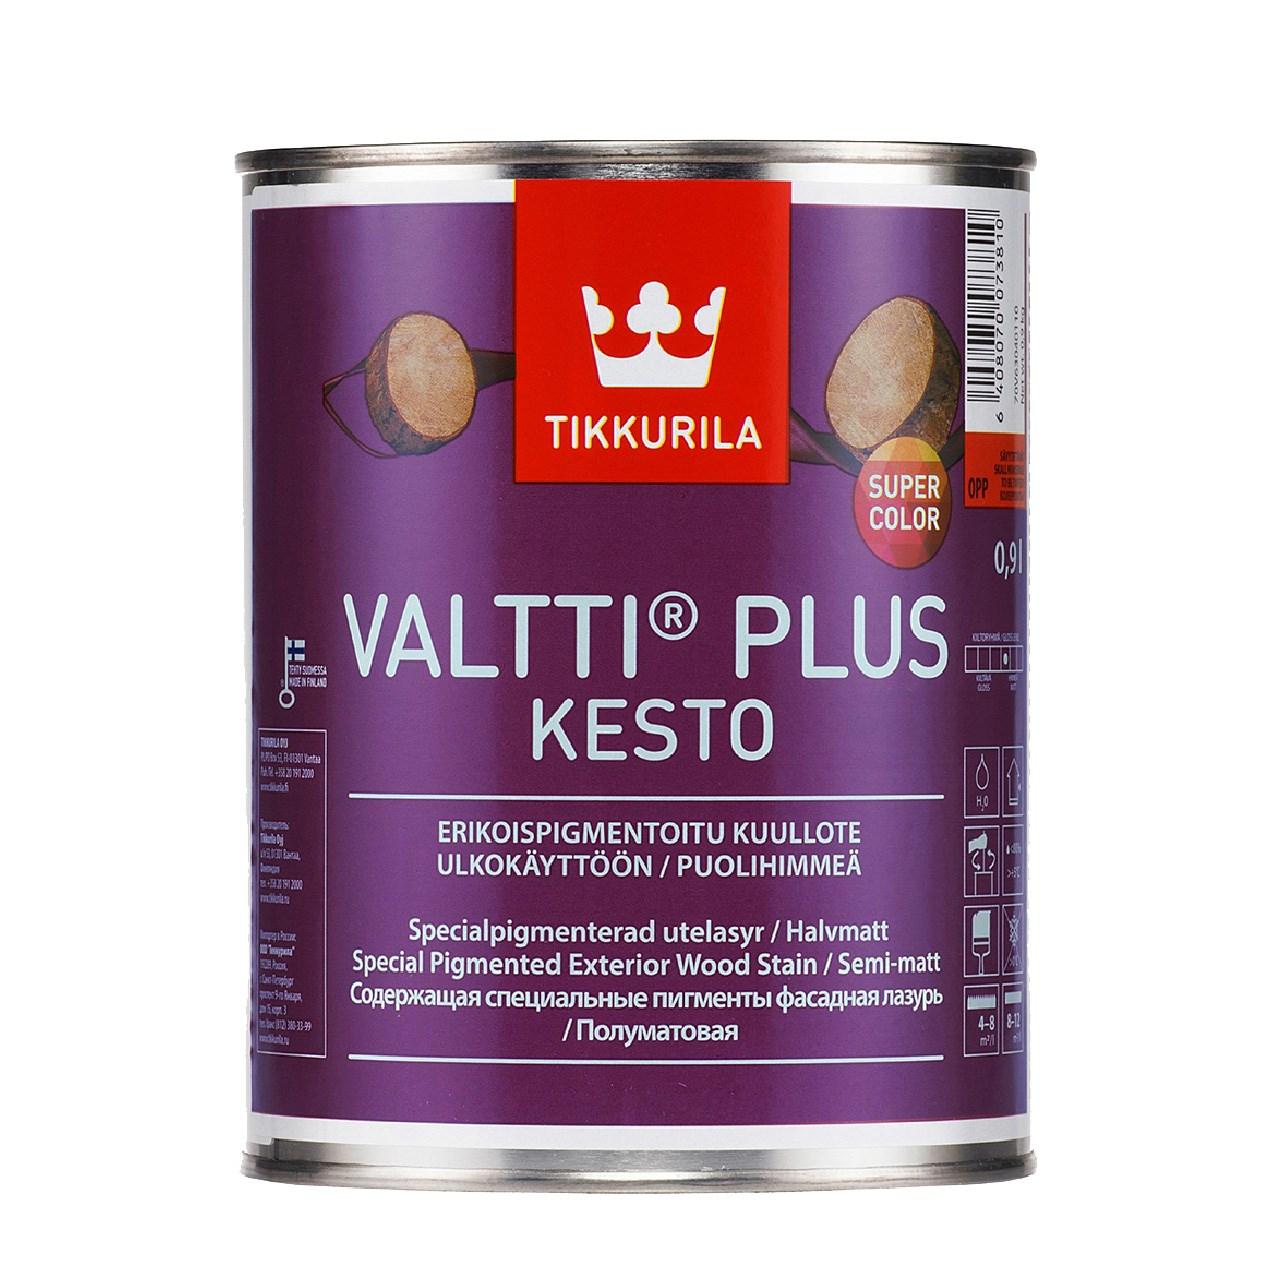 رنگ نیمه شفاف تیکوریلا مدلVALTTI PLUS KESTO 5055 حجم 1 لیتر